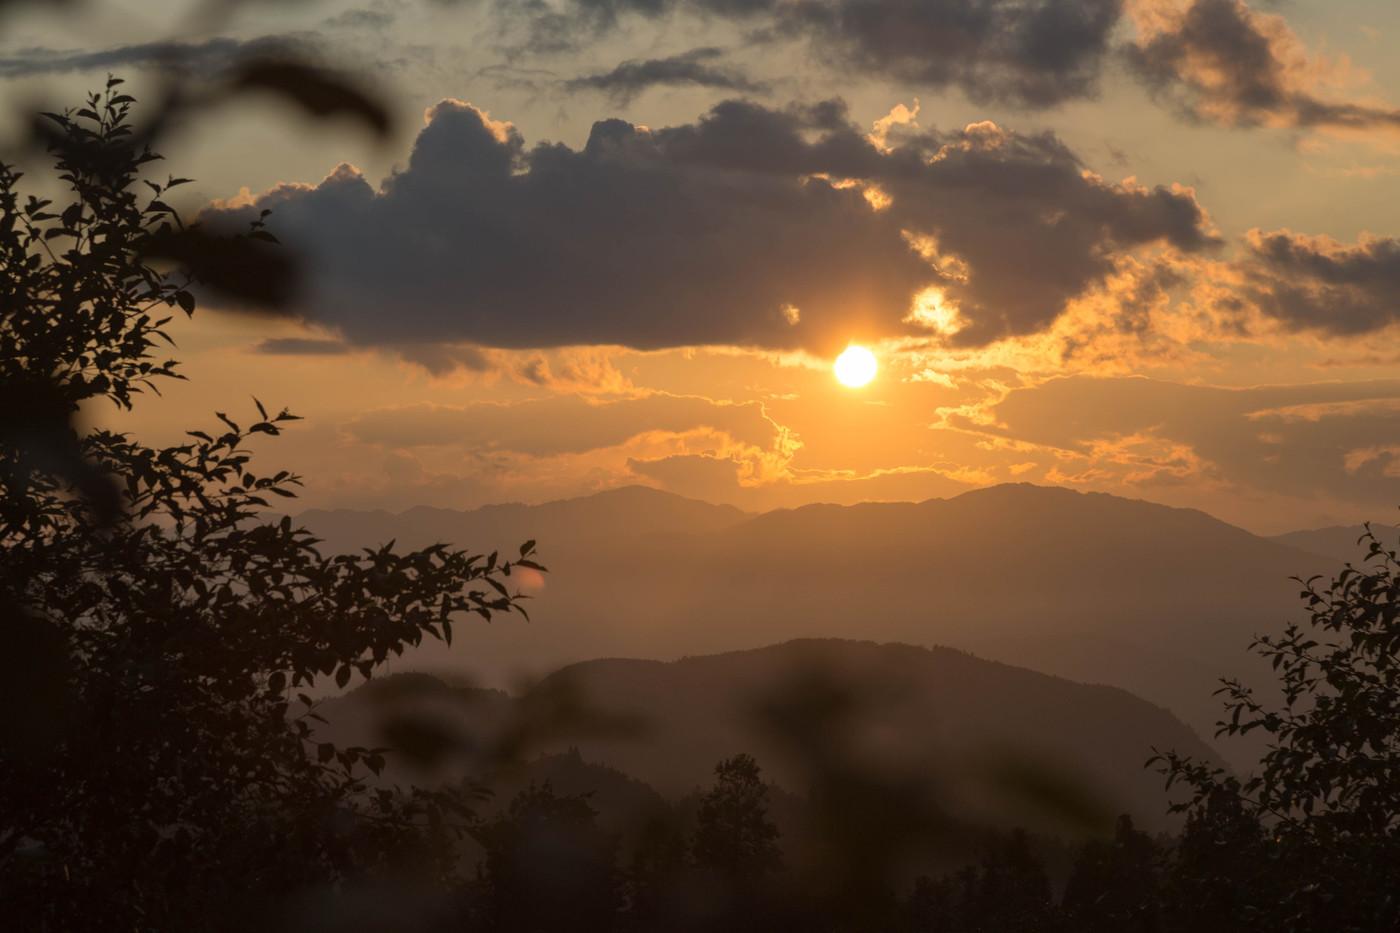 喜马拉雅野奢帐篷酒店—云南腾冲高黎贡山茶博园29